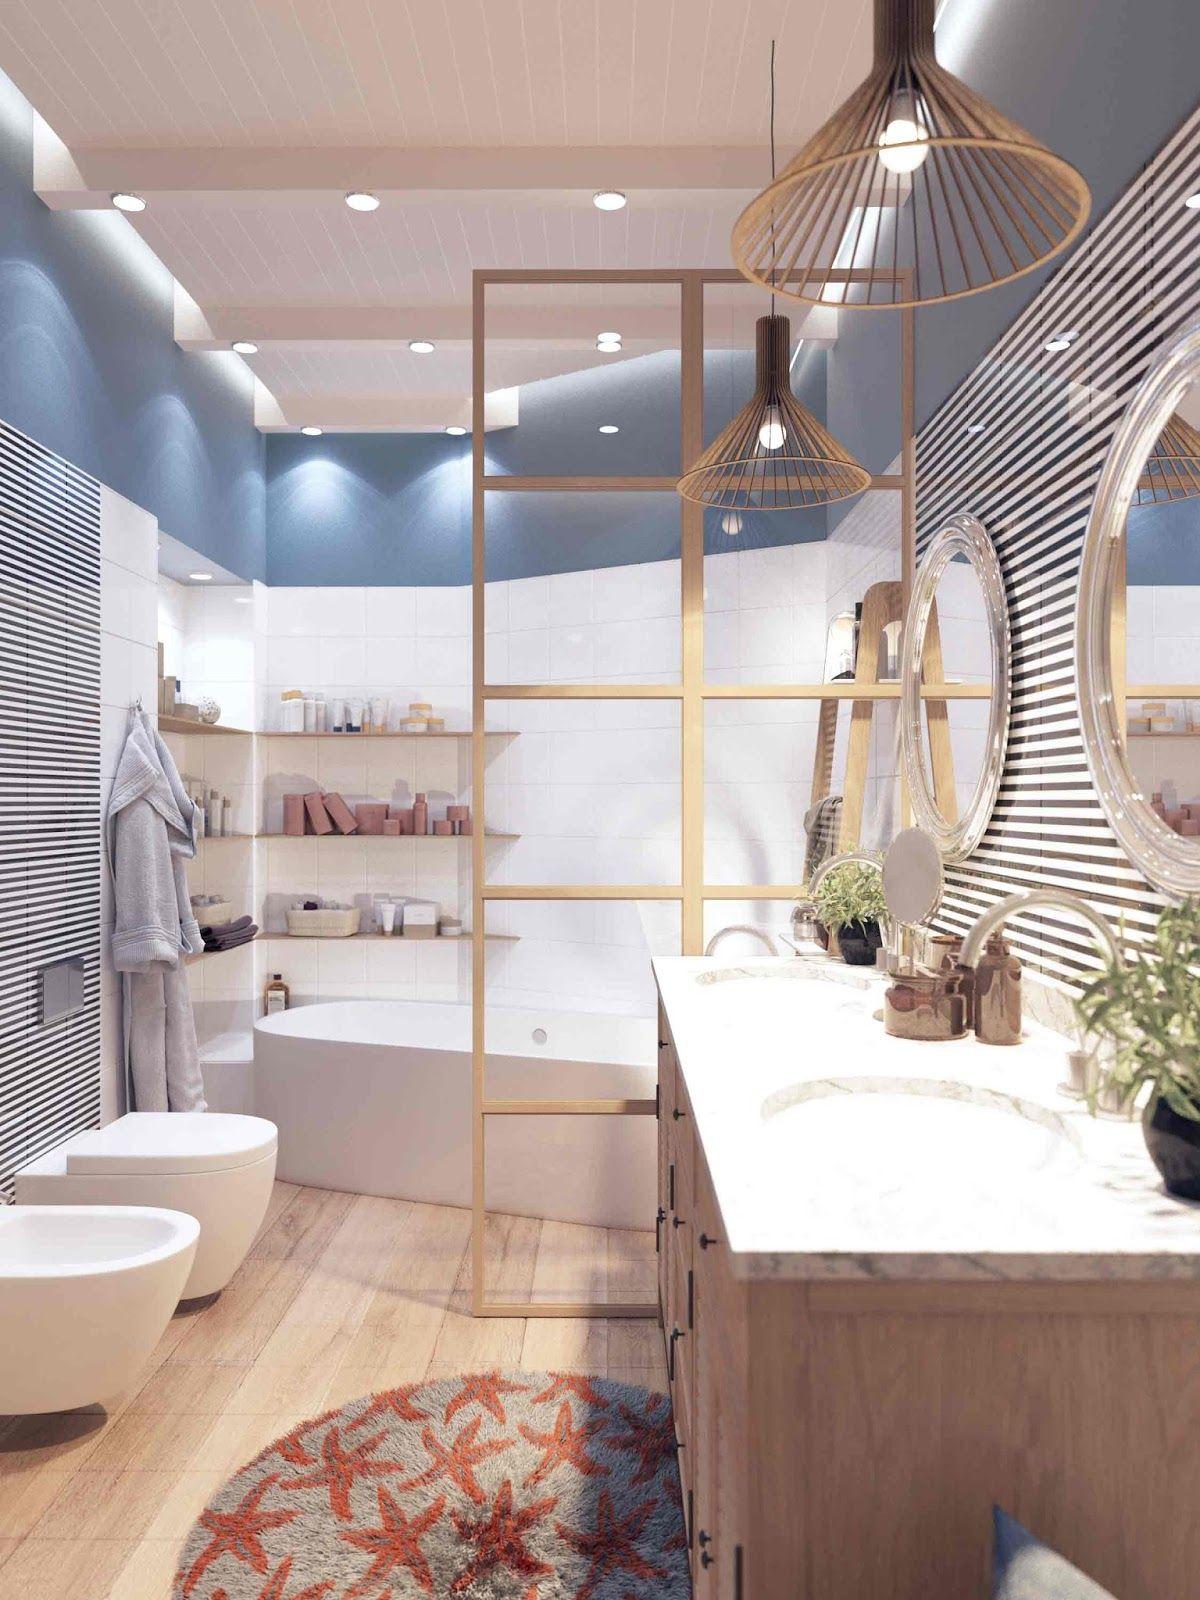 Casinha colorida: Um apartamento feminino com elementos modernistas